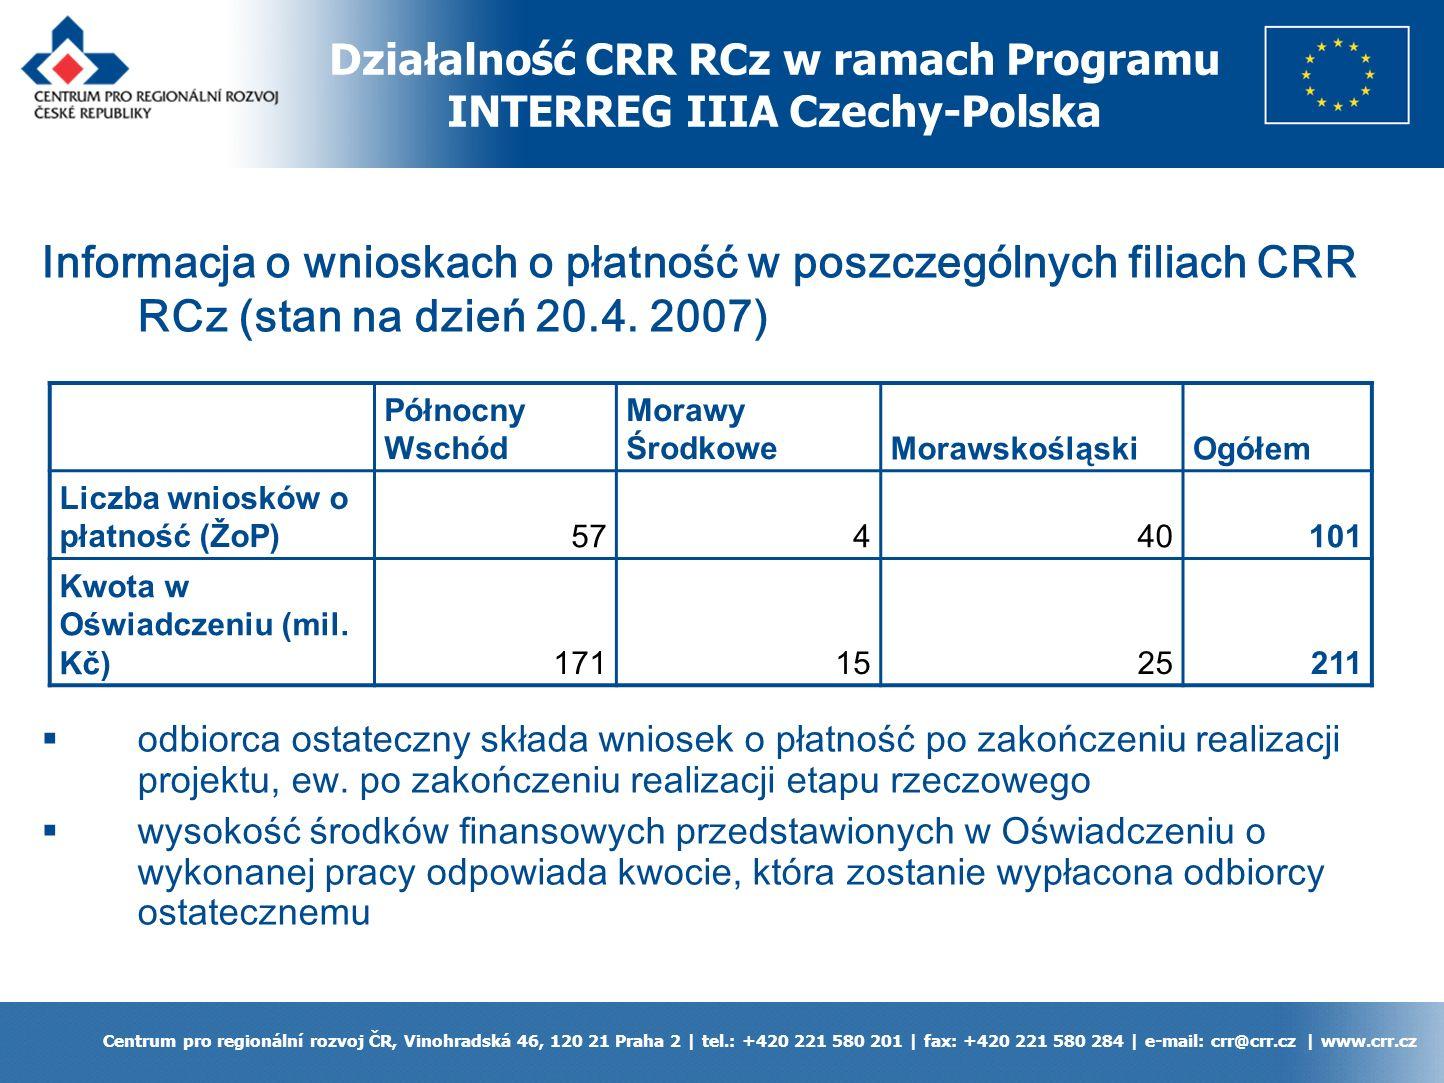 Okres programowania 2007 – 2013 (Cel 3) Centrum pro regionální rozvoj ČR, Vinohradská 46, 120 21 Praha 2 | tel.: +420 221 580 201 | fax: +420 221 580 284 | e-mail: crr@crr.cz | www.crr.cz Centrum Rozwoju Regionalnego RCz a Cel 3: CRR RCz będzie między innymi pełniło rolę kontrolera kontrola legalności i zasadności wydatków wykazanych przez każdego czeskiego lead partnera i przez wszystkich czeskich partnerów CRR RCz wspólnie z Instytucją Zarządzającą przygotowuje System Informatyczny MONIT 7 oraz elektroniczny wniosek (Benefit 7) dla projektów indywidulanych oraz projektów FMP w czeskiej i polskiej wersji językowej